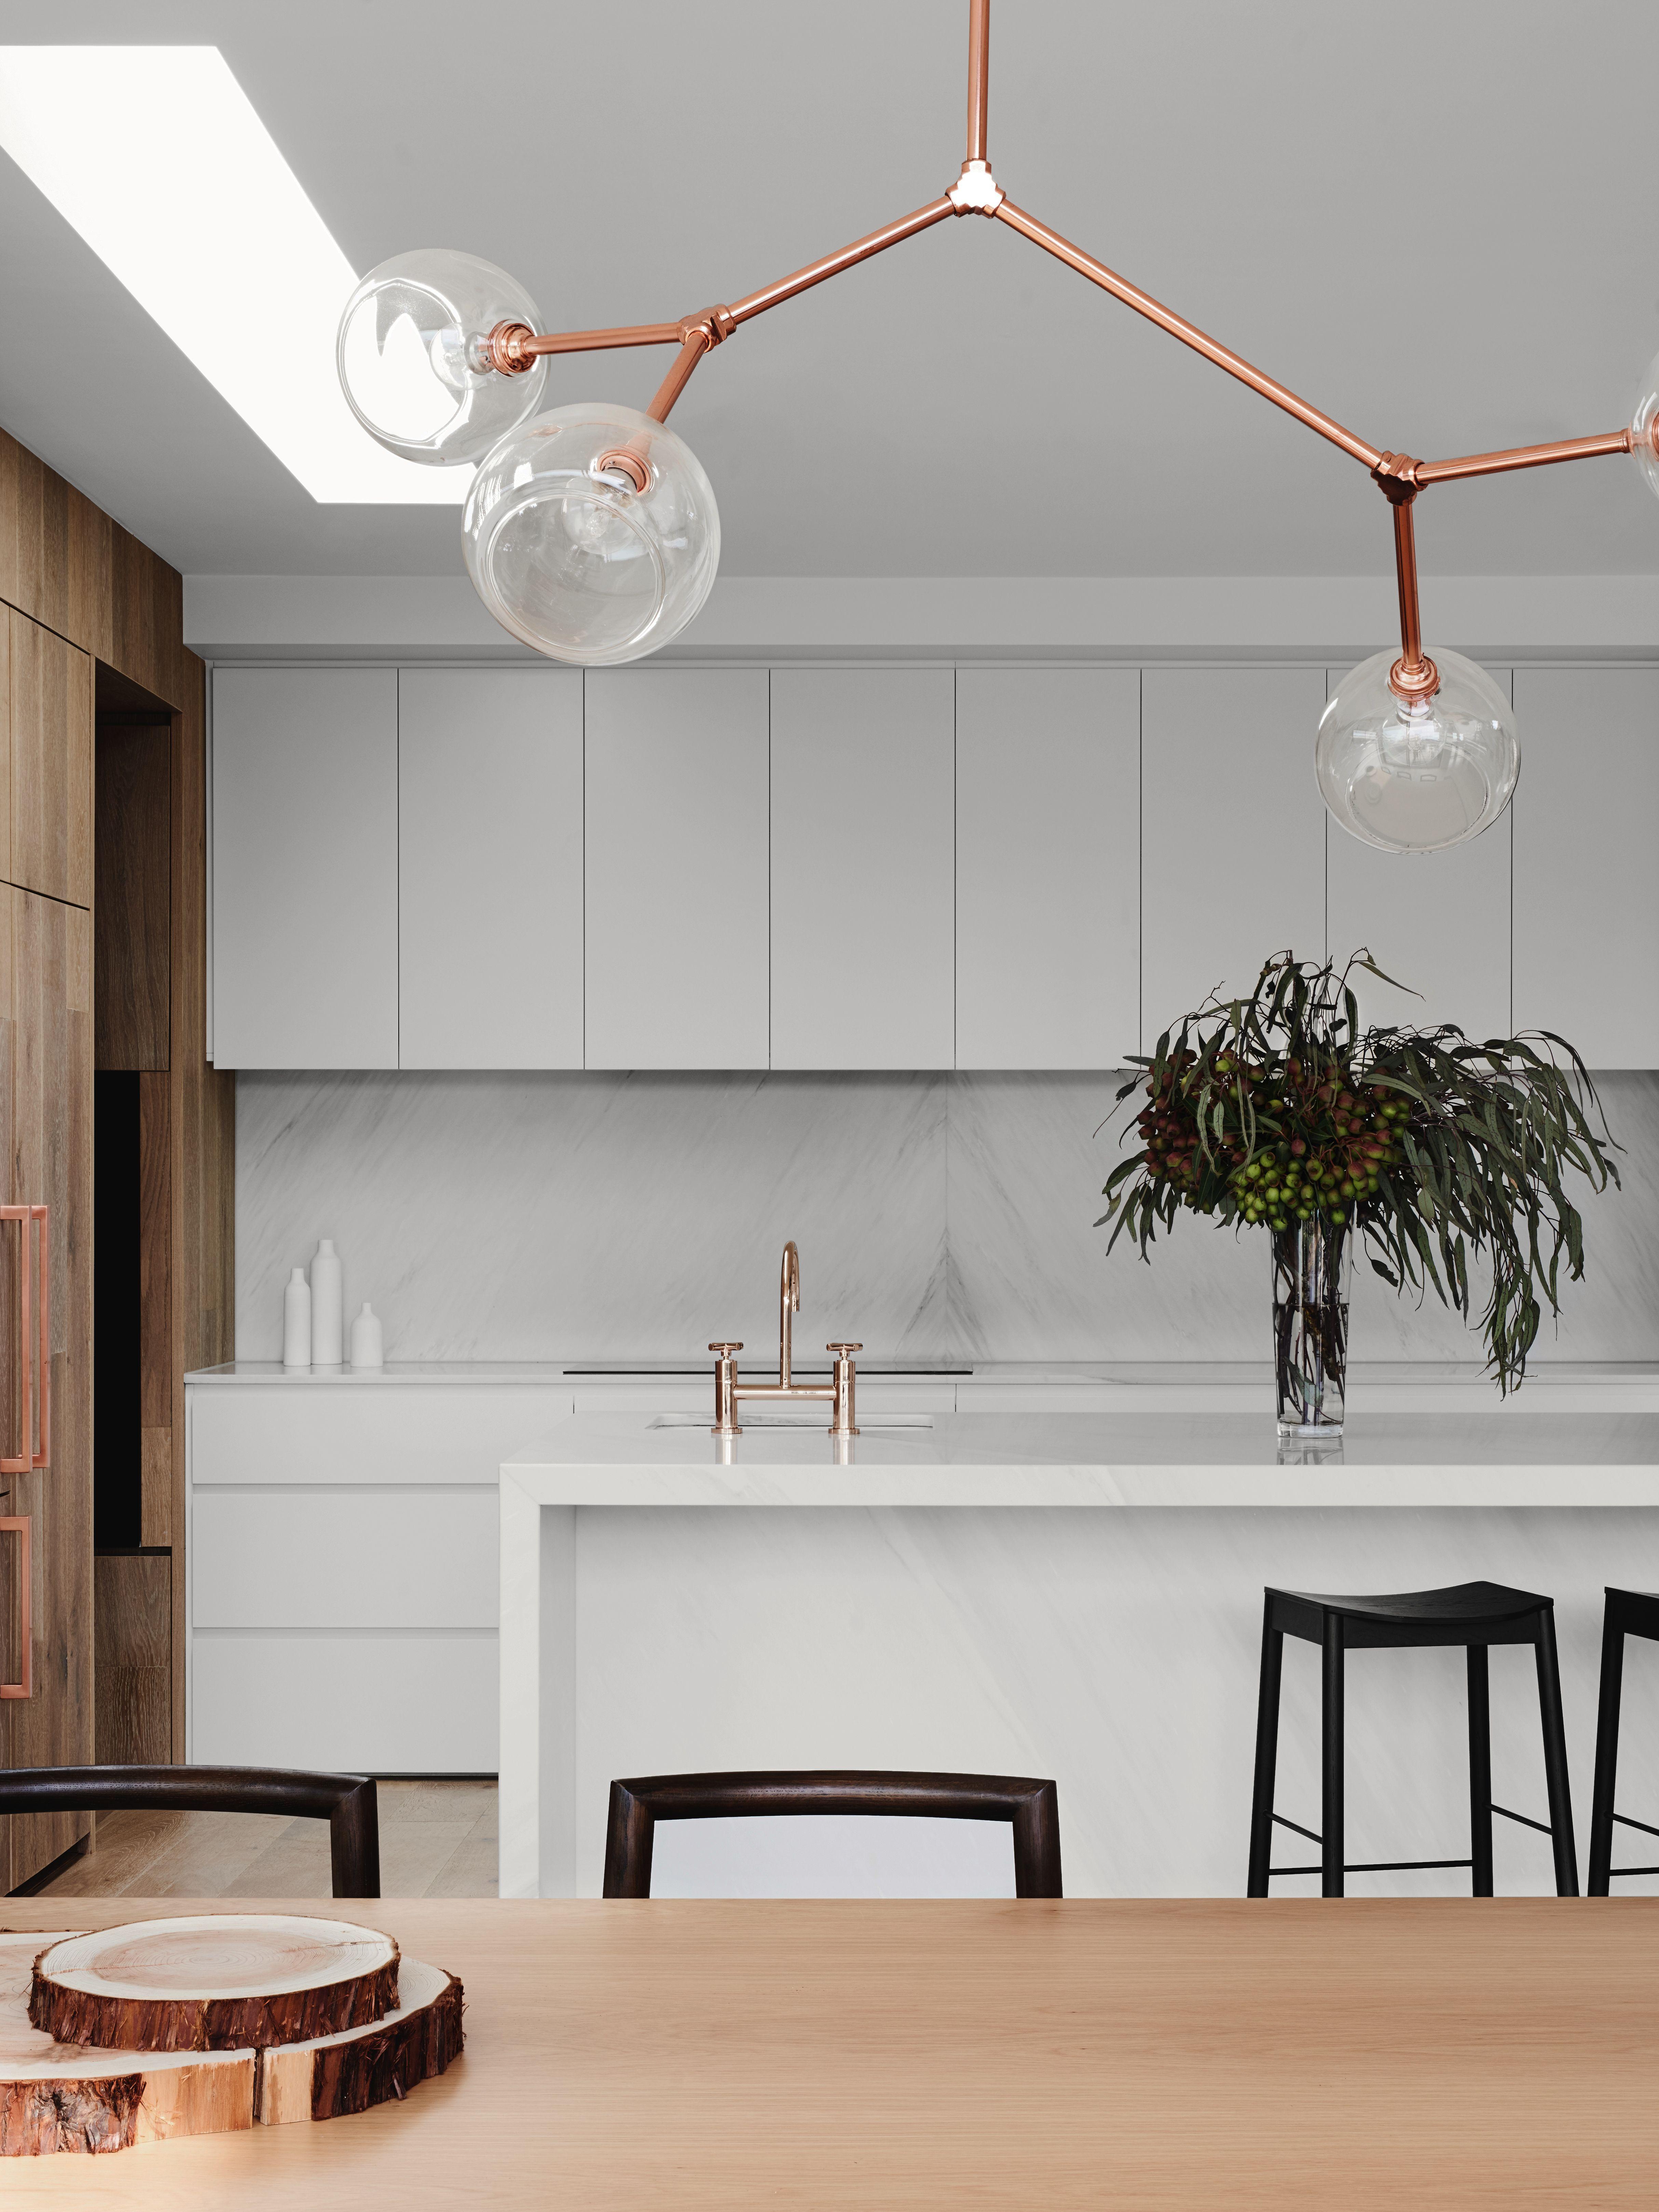 9+ Interior Design Kitchen Lighting